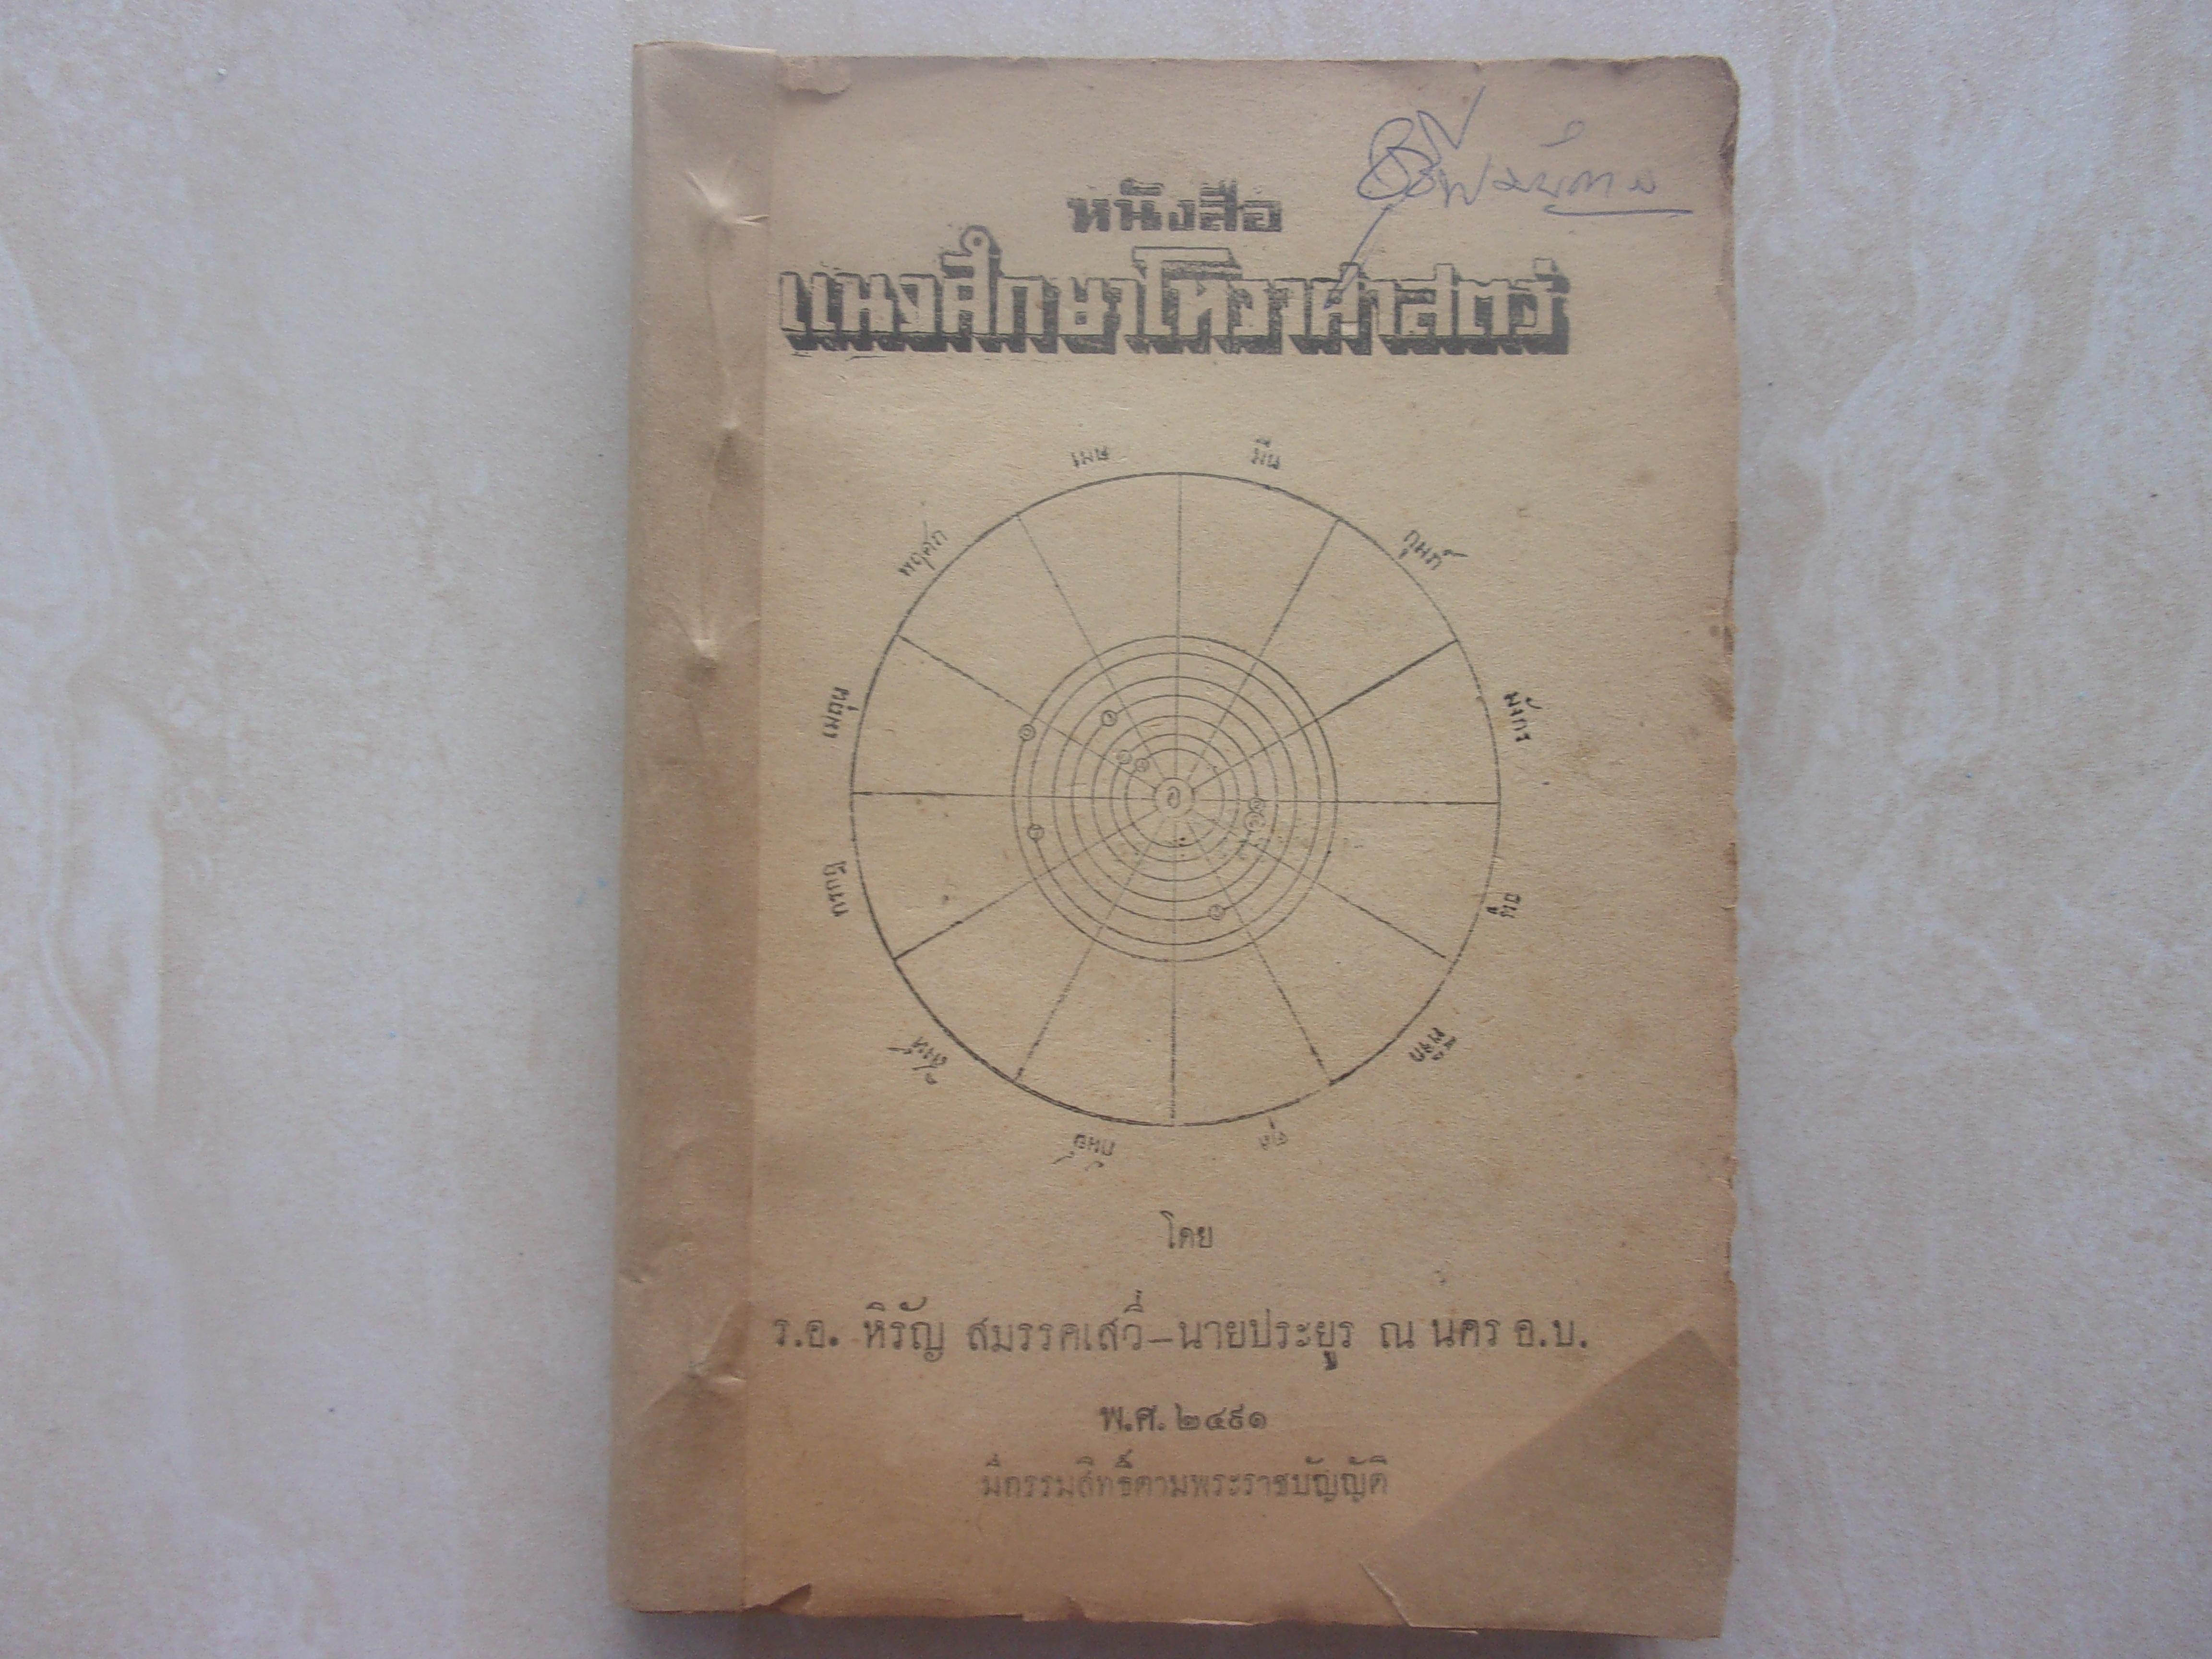 """""""หนังสือแนวศึกษาโหราศาสตร์""""โดยร.อ.หิรัญ สมรรคเสวี และนายประยูร ณ นคร อ.บ.กว้าง13ยาว18.5ซม.มี235หน้า ปี2491เย็บเล่มใหม่แข็งแรง (สันปกติดกระดาษกาว กระดาษไม่กรอบ)"""